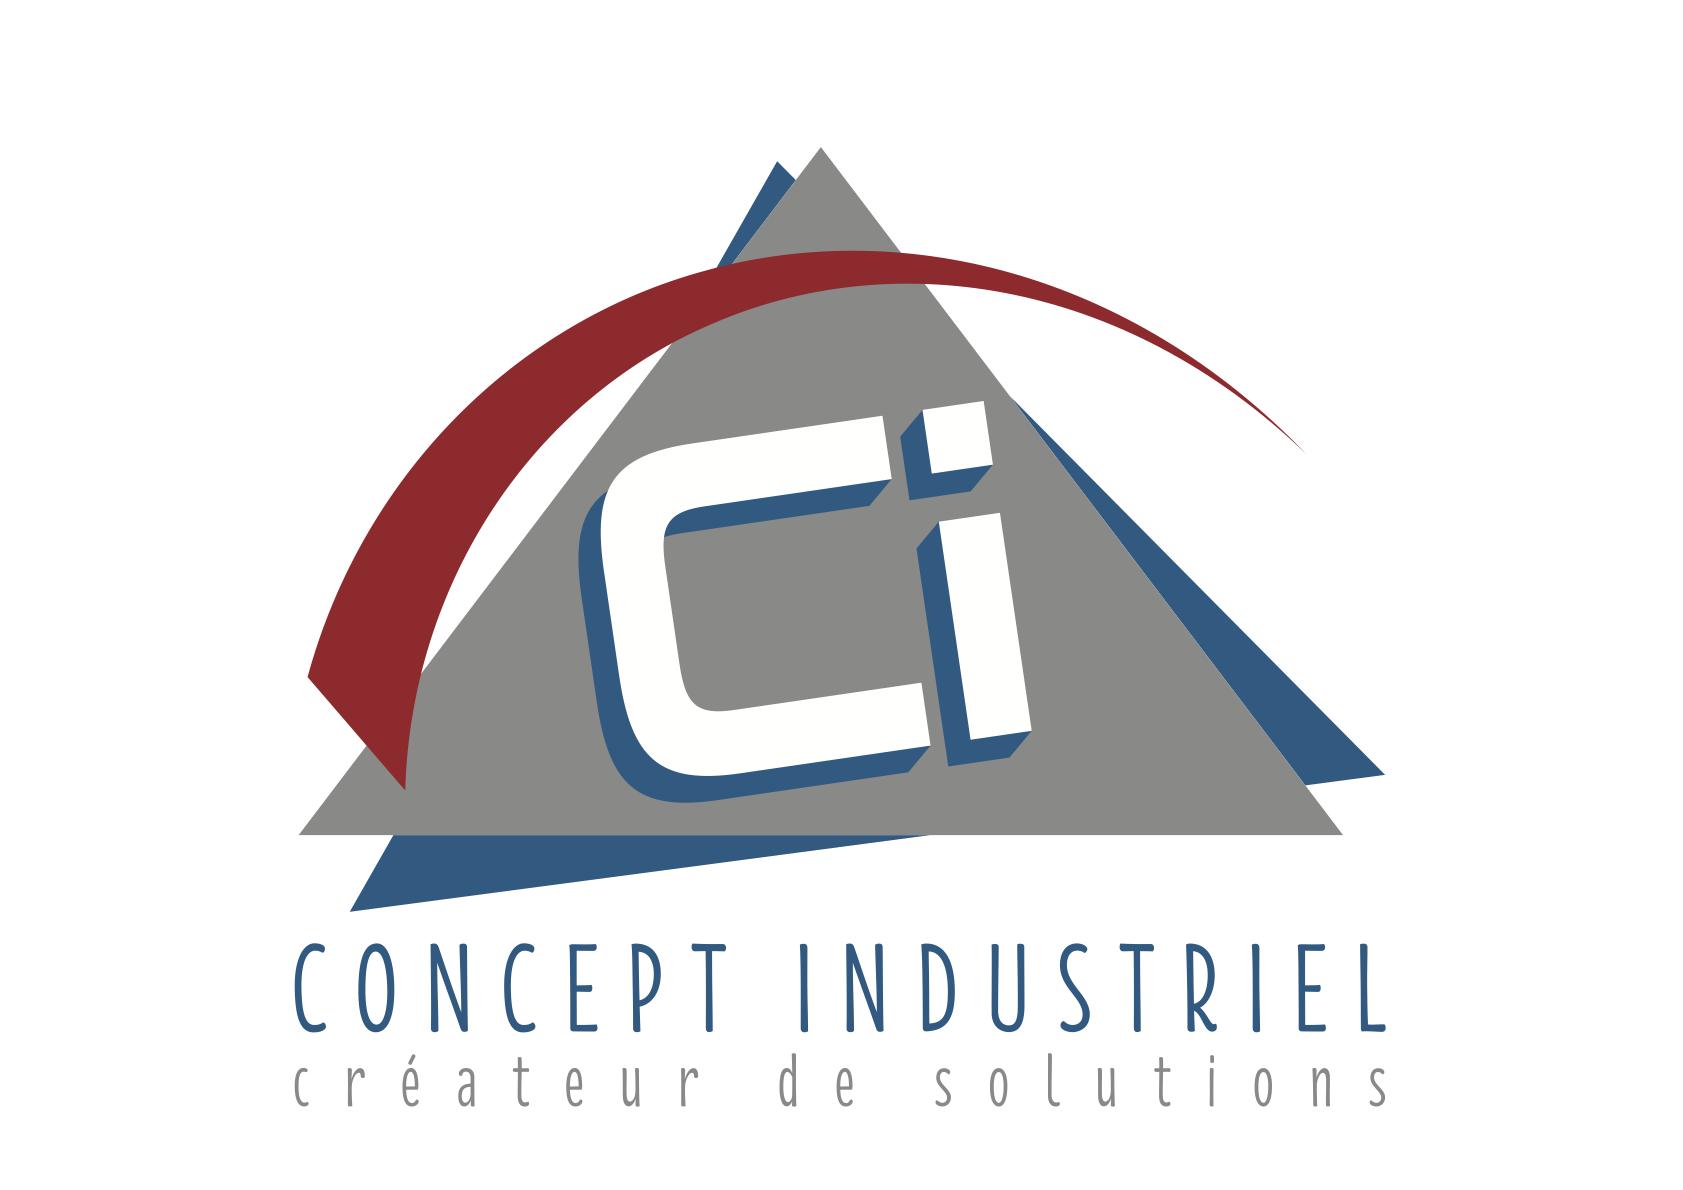 Concept Industriel